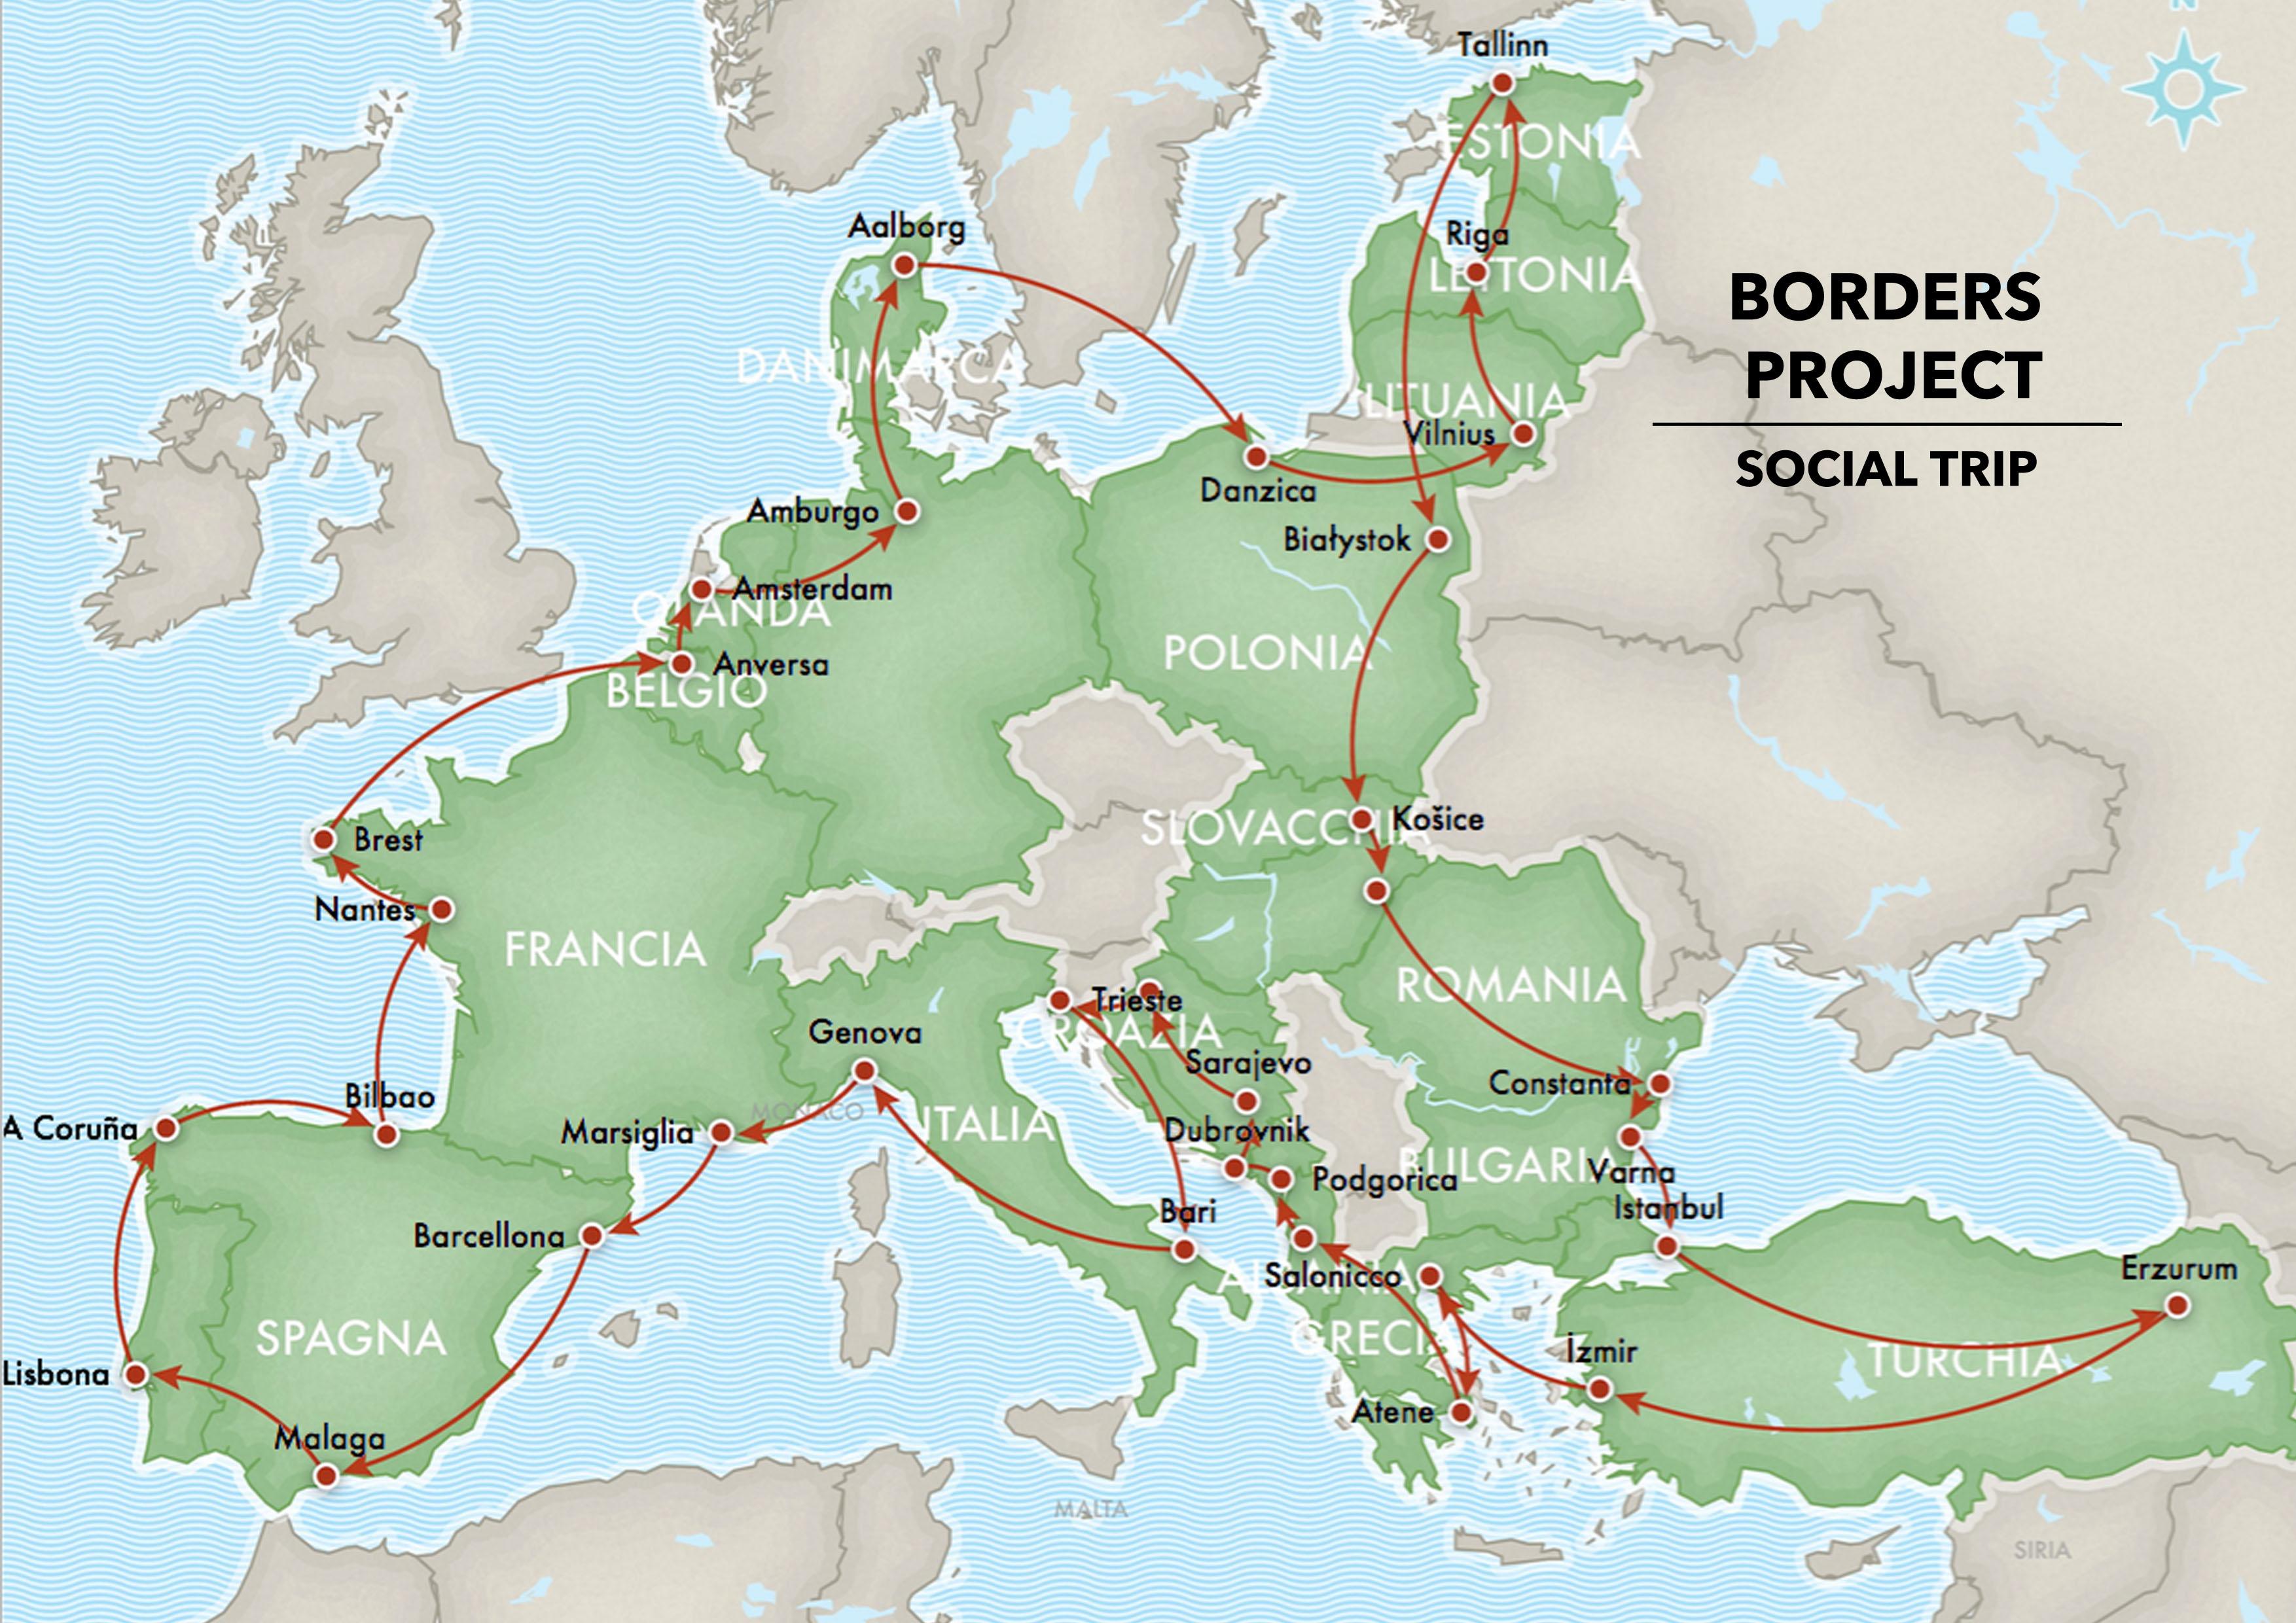 mappa social trip